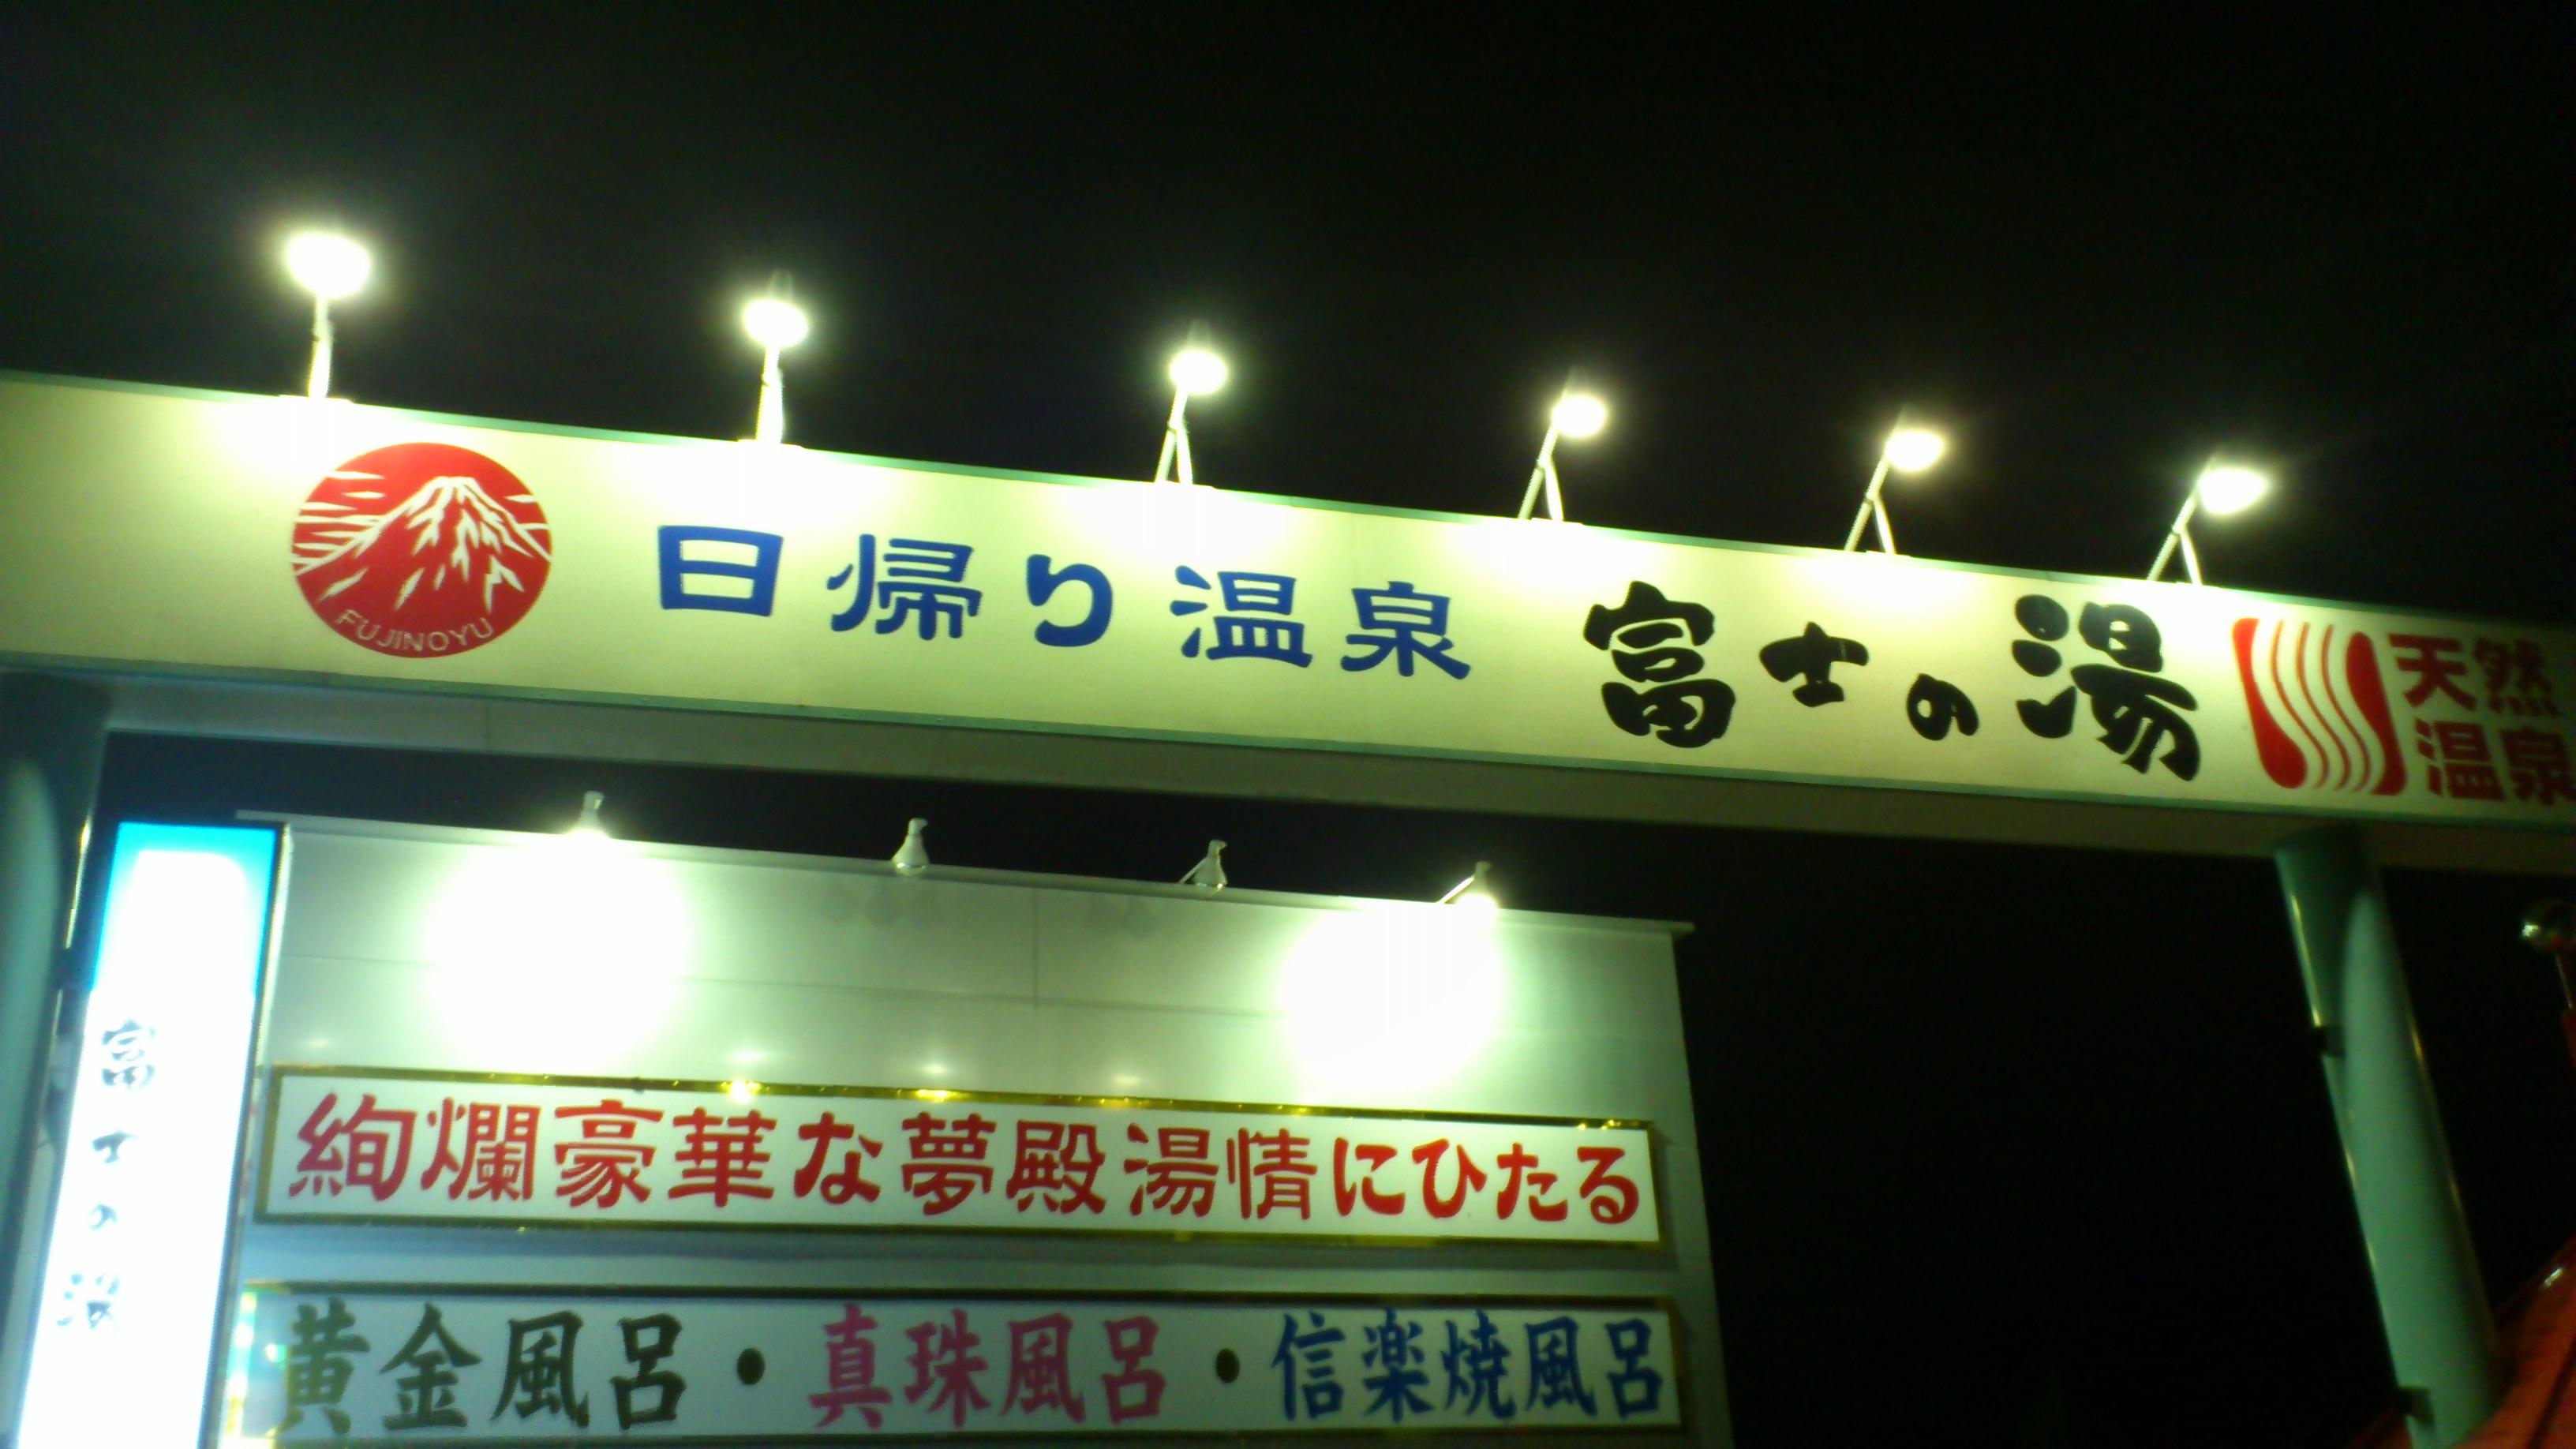 fujinoyu.jpg